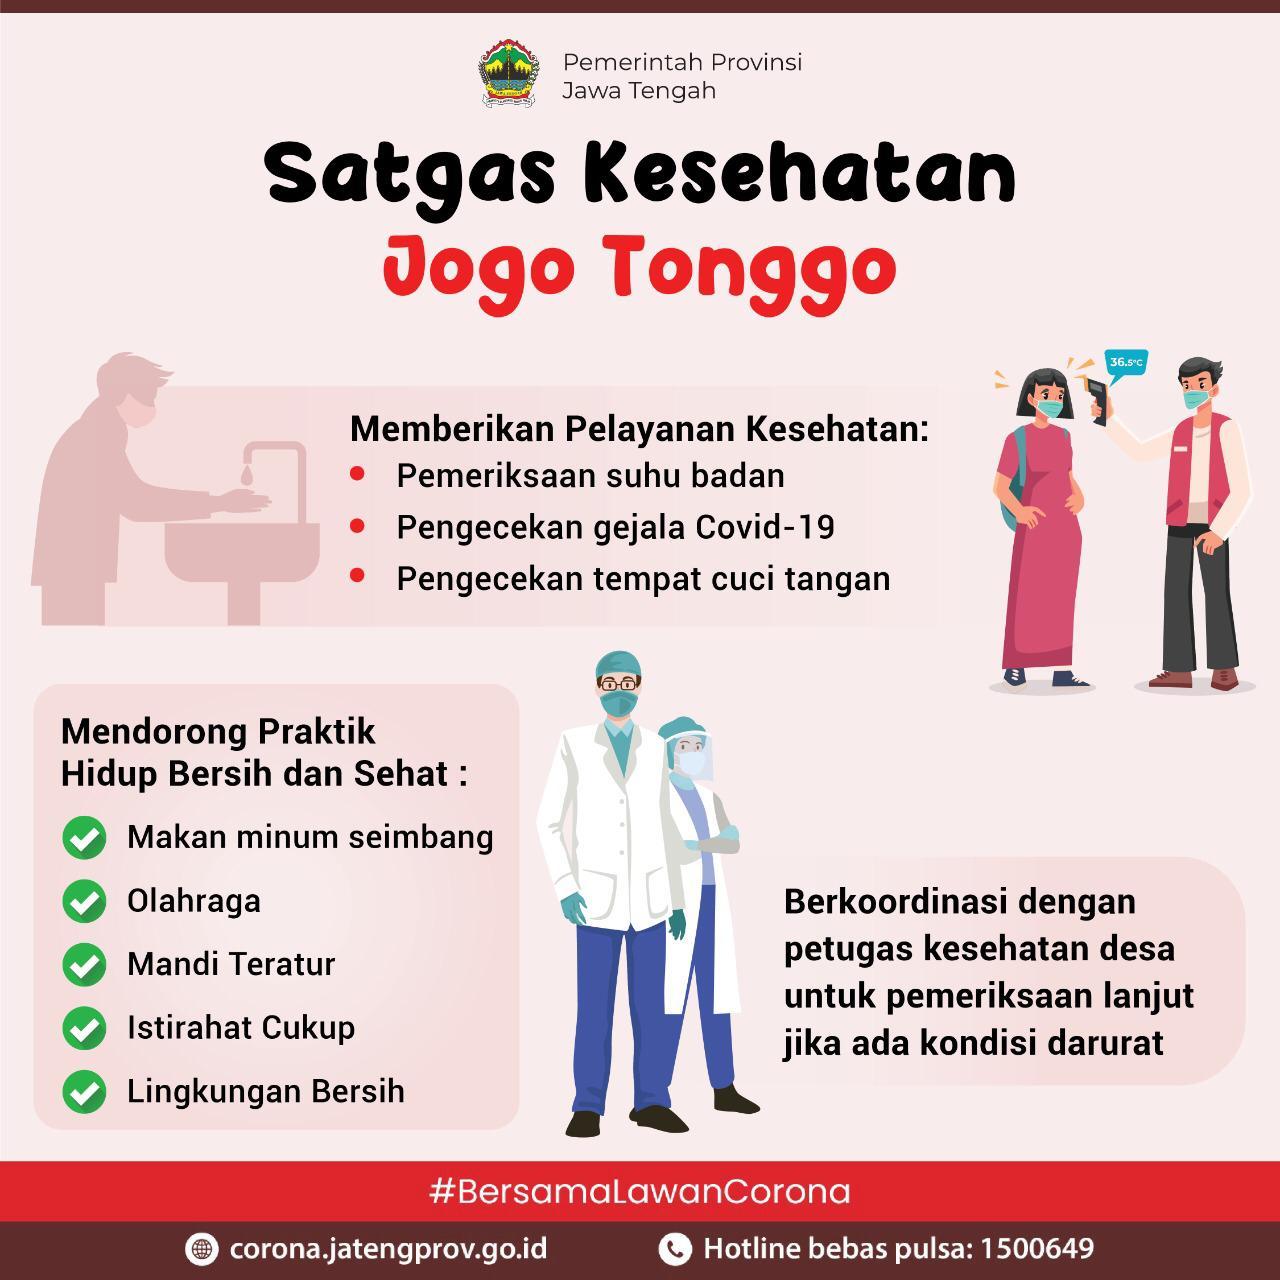 Satgas Kesehatan